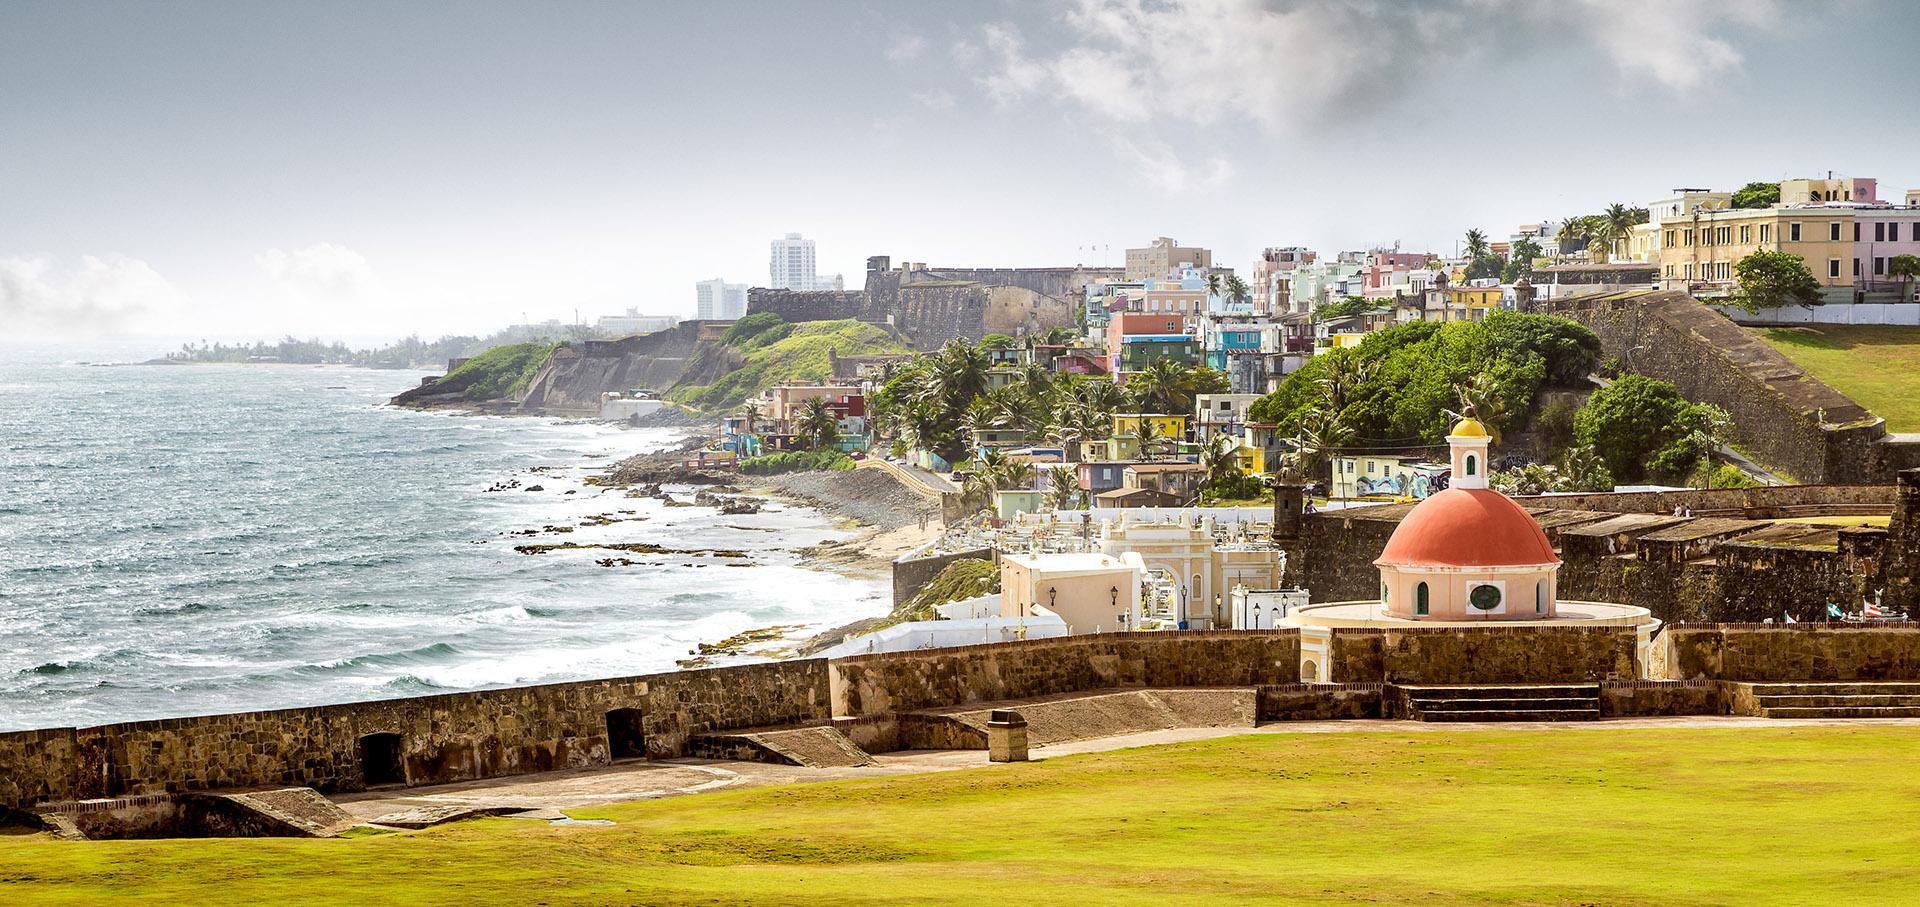 Un año después de que el huracán María devastara la isla, en San Juan y sus alrededores, muchos centros turísticos utilizaron sus meses de cierre no solo para reparar, sino también para realizar renovaciones importantes de habitaciones y espacios públicos